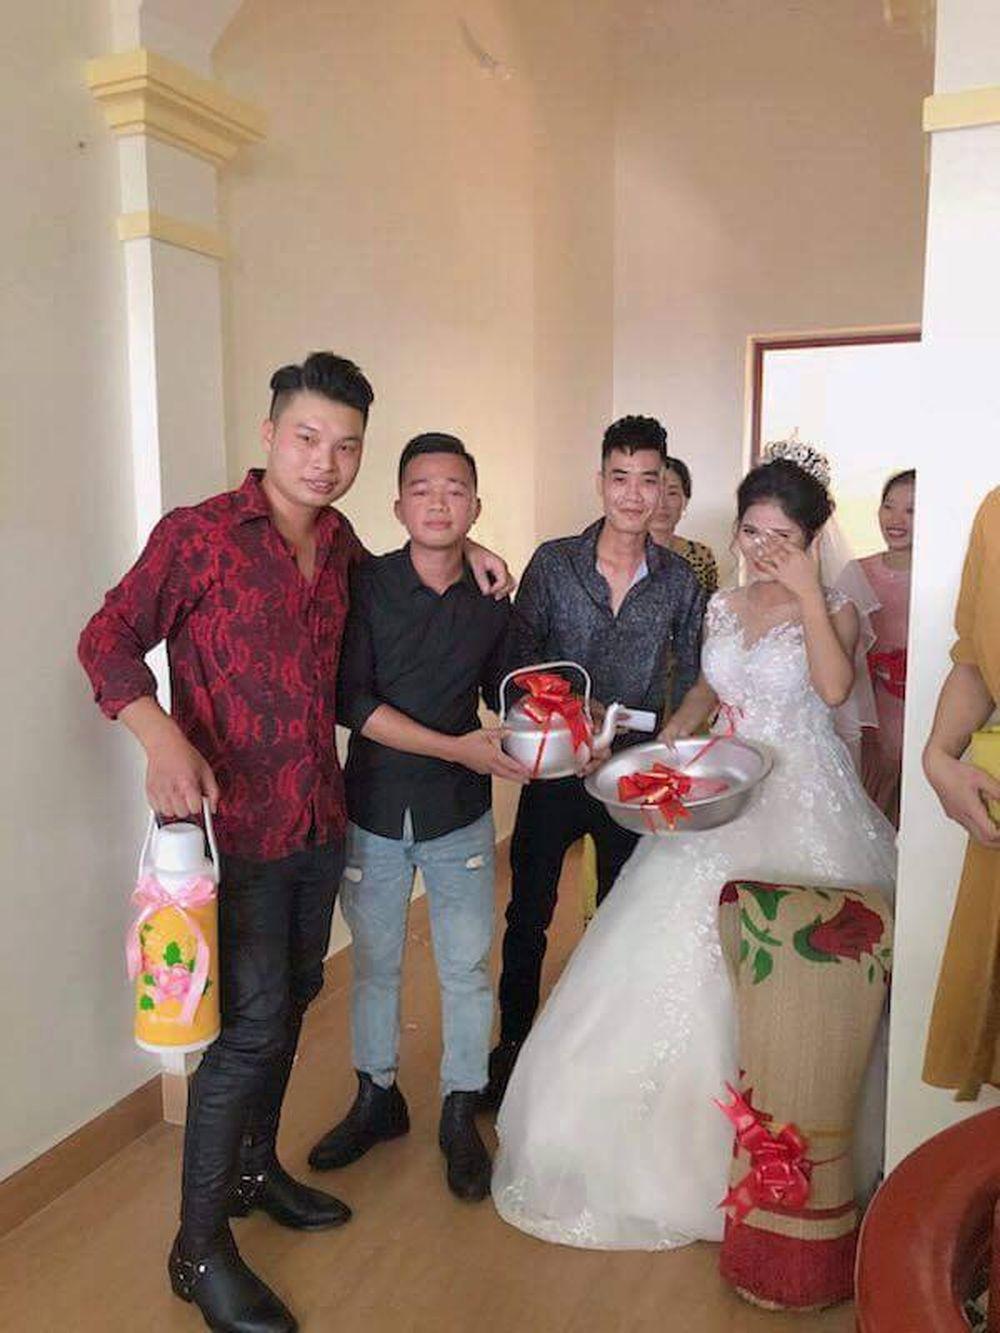 Cô dâu cũng phải xúc động trước món quà cưới cực độc của hội bạn thân. Ảnh: Beat